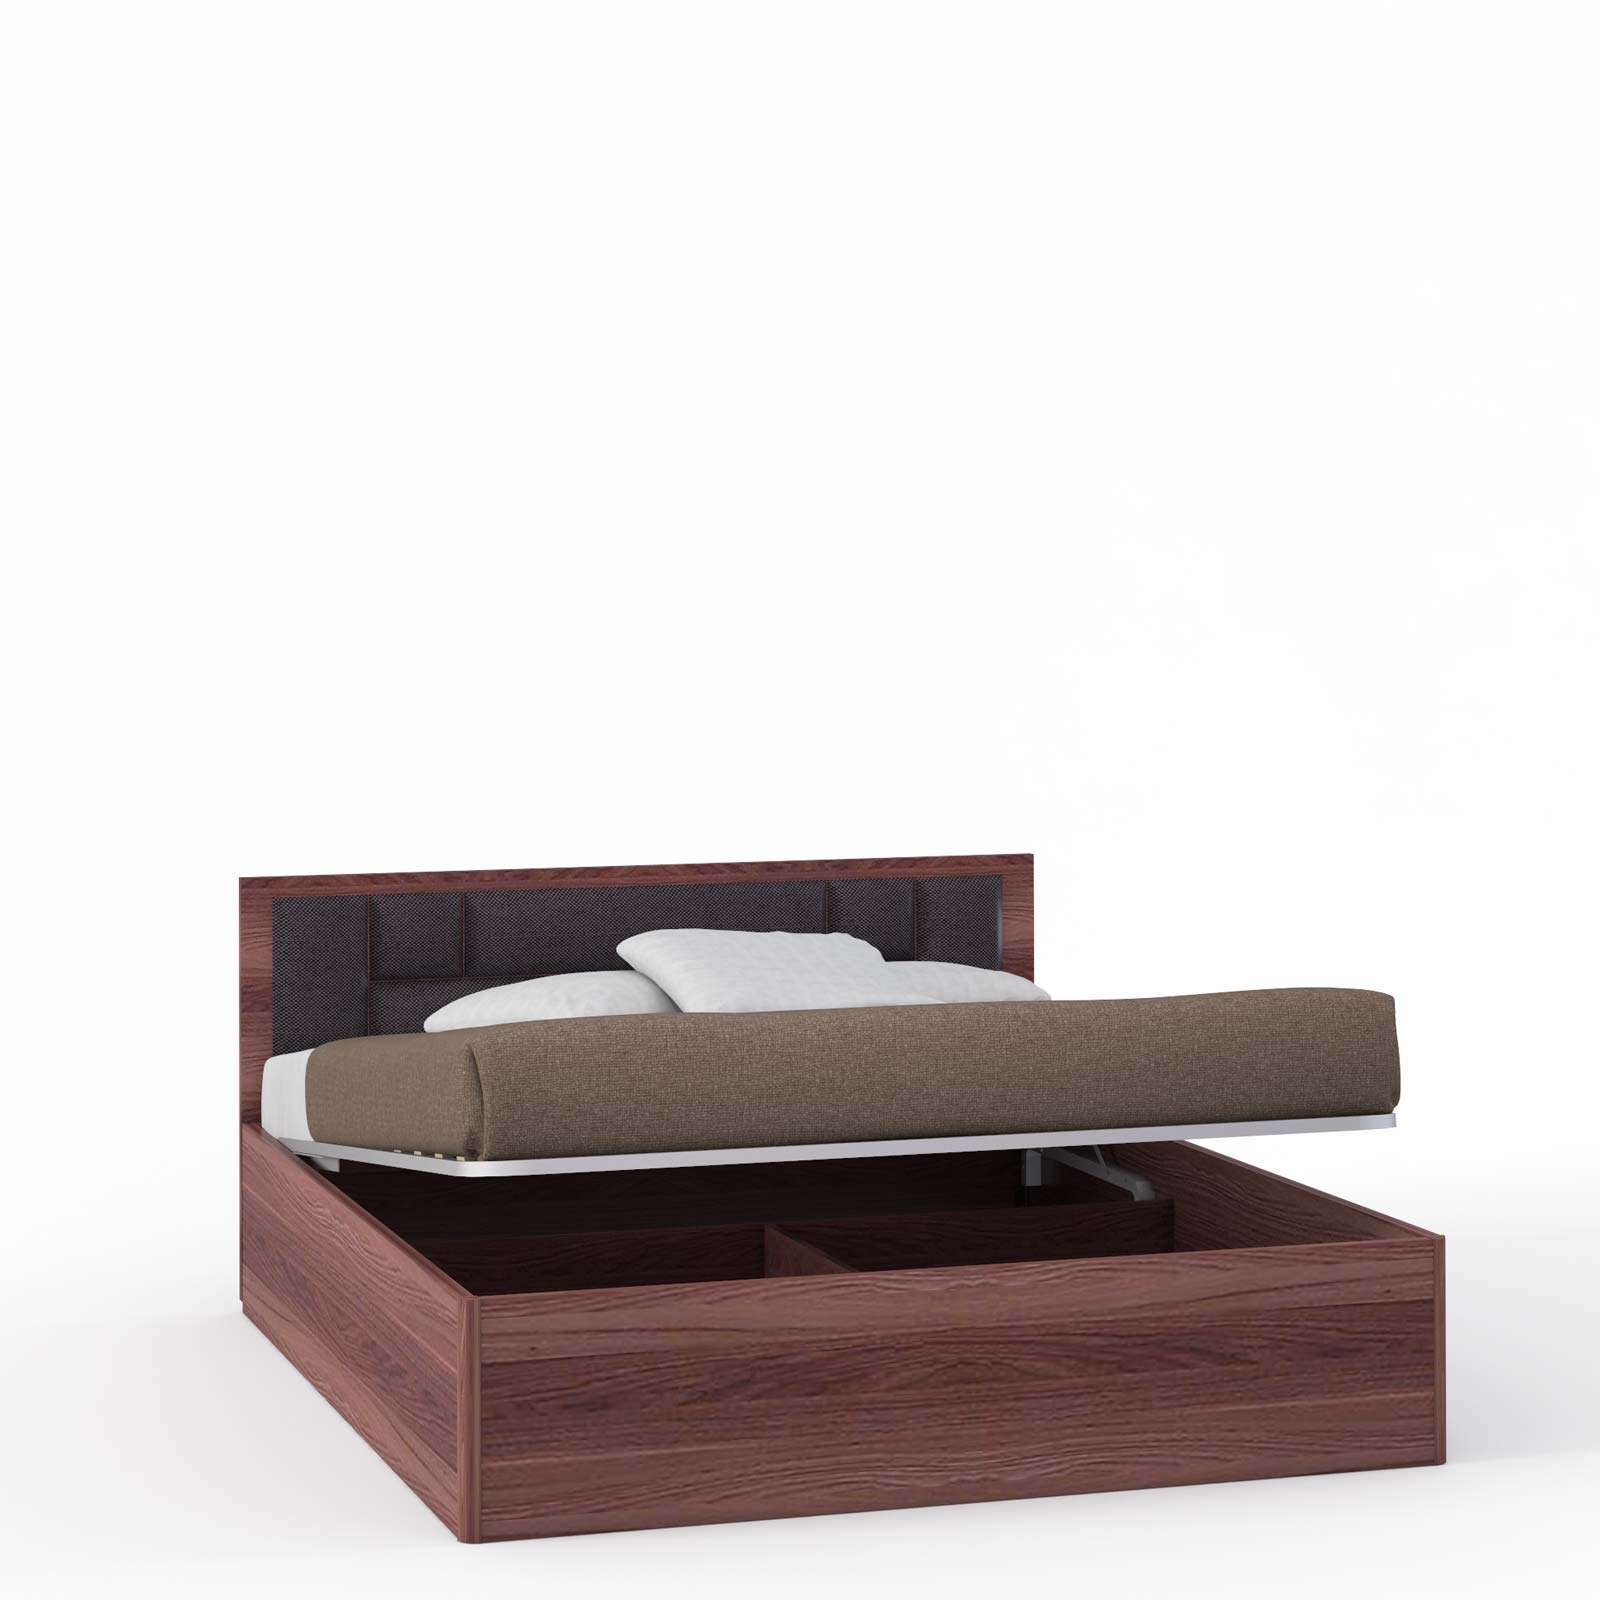 Спальня Rimini Choco Кровать 2 сп. с п/м, мягк.изг.шоко (1800) - 5439